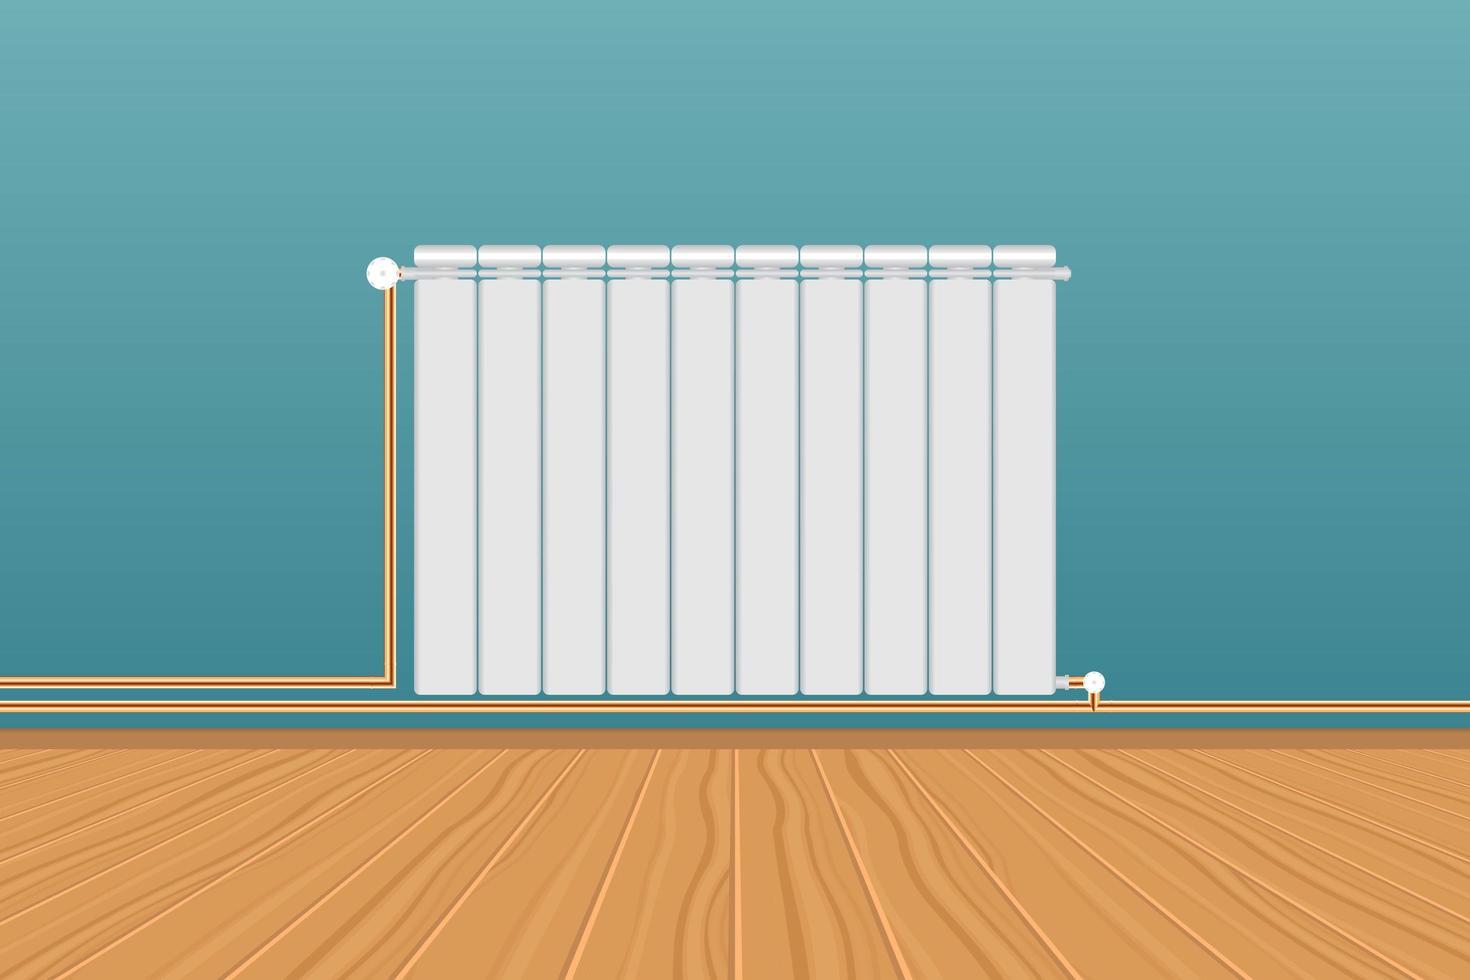 radiador de aquecimento branco na parede azul vetor